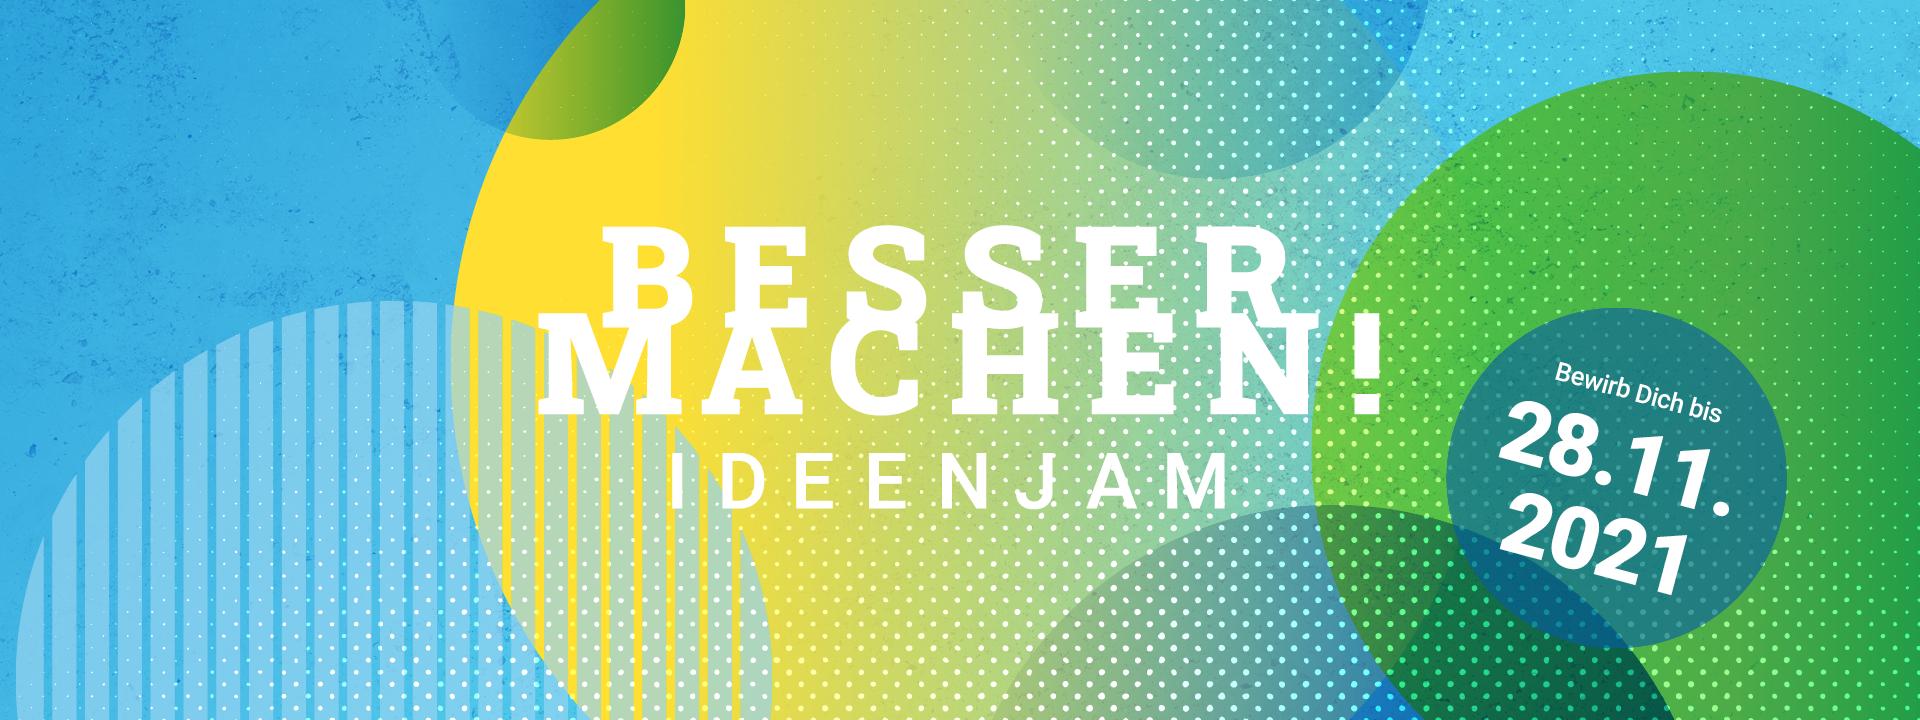 2021-09-20_KS_BesserMachen_Website_Unterseite_Header_1920x720px